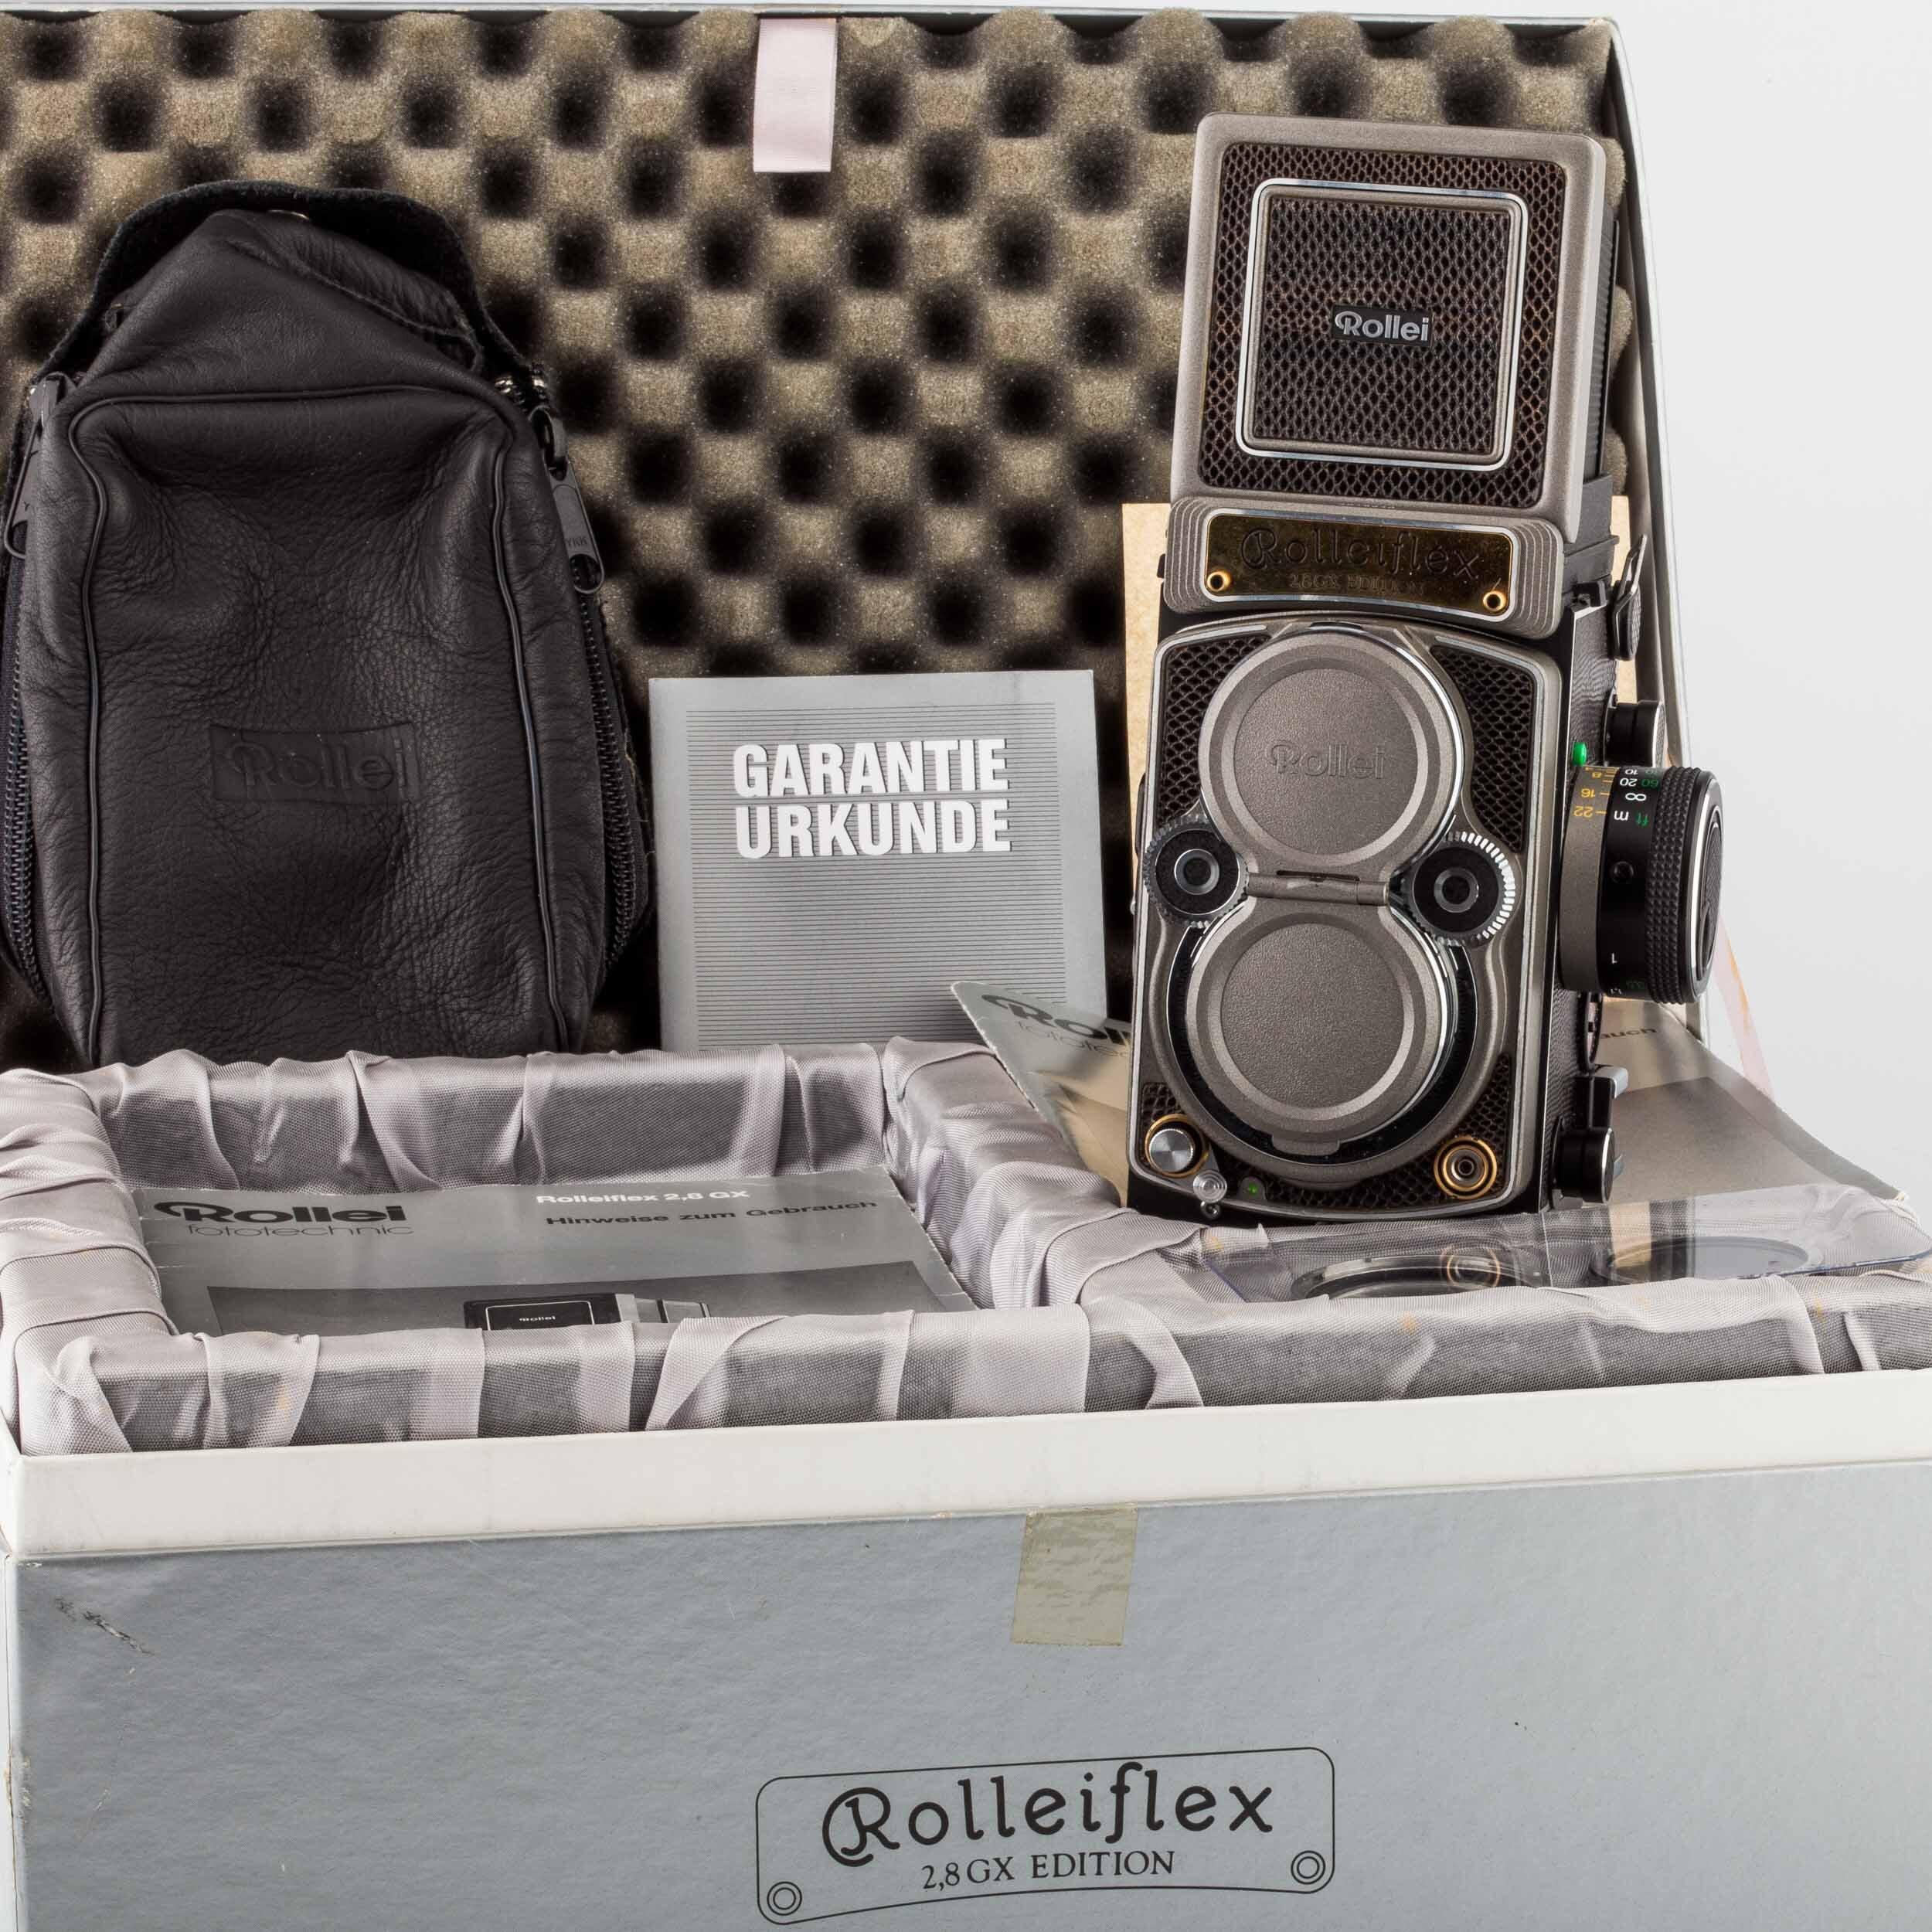 Rolleiflex 2,8 GX Edition Box Set